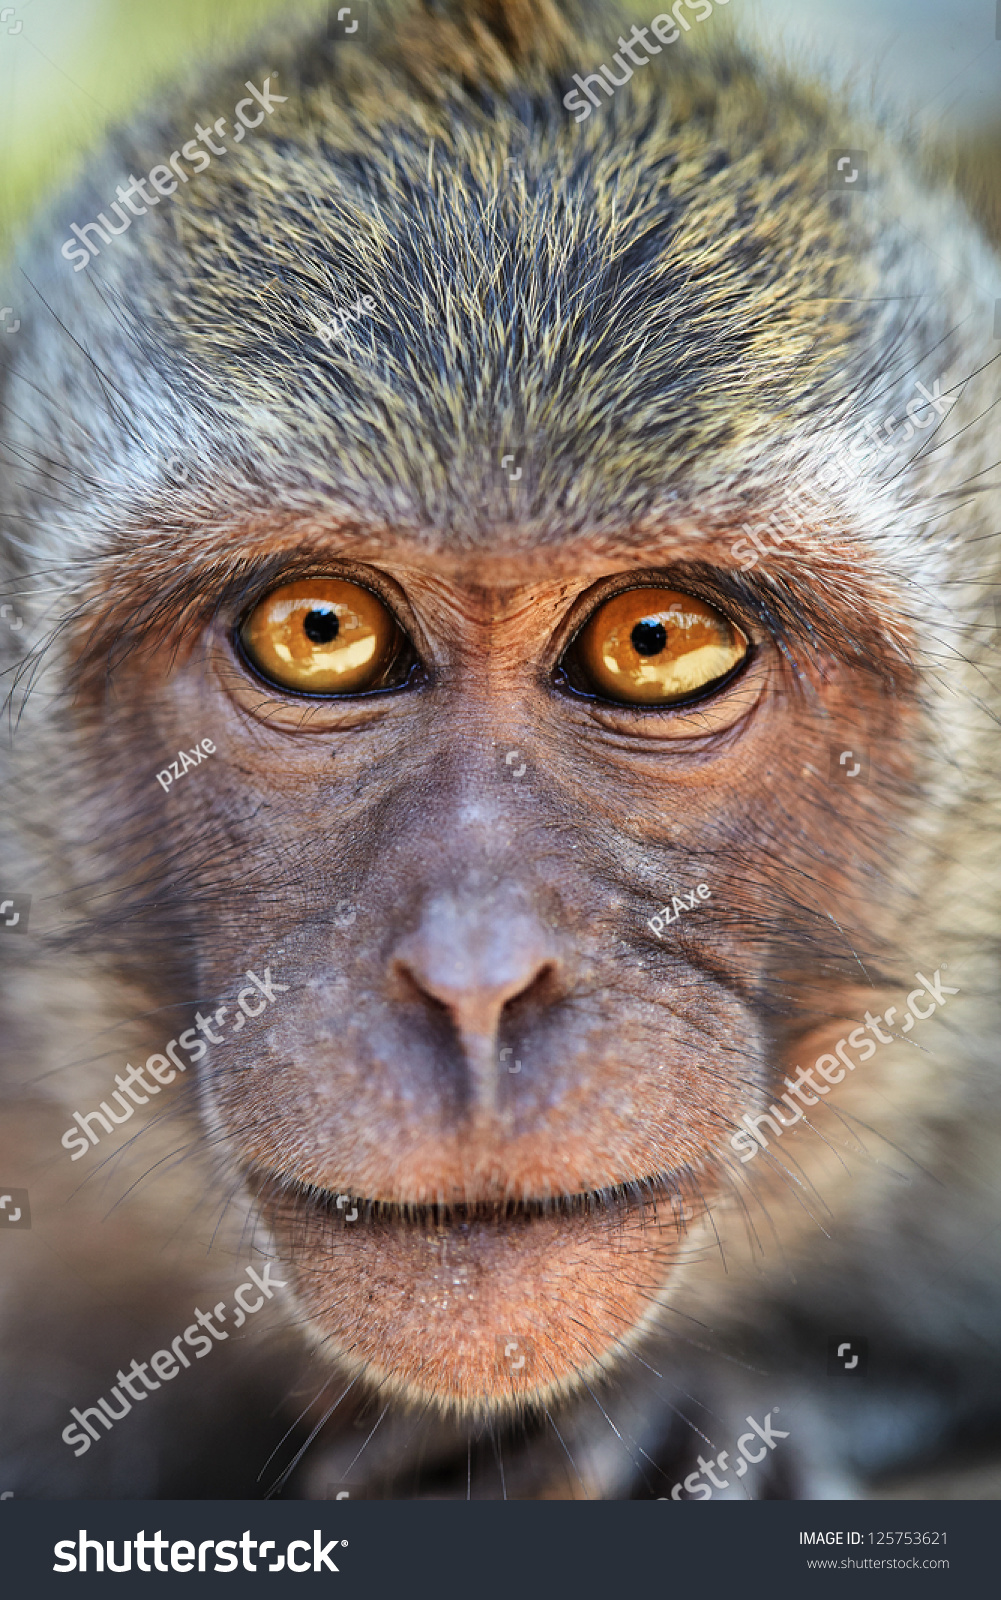 的画像好奇猴子用明亮的眼睛在相机。Crab-eating猕猴或长尾猕猴(猕猴属分离出了),巴厘岛。 - 动物/野生生物,自然 - 站酷海洛创意正版图片,视频,音乐素材交易平台 - Shutterstock中国独家合作伙伴 - 站酷旗下品牌